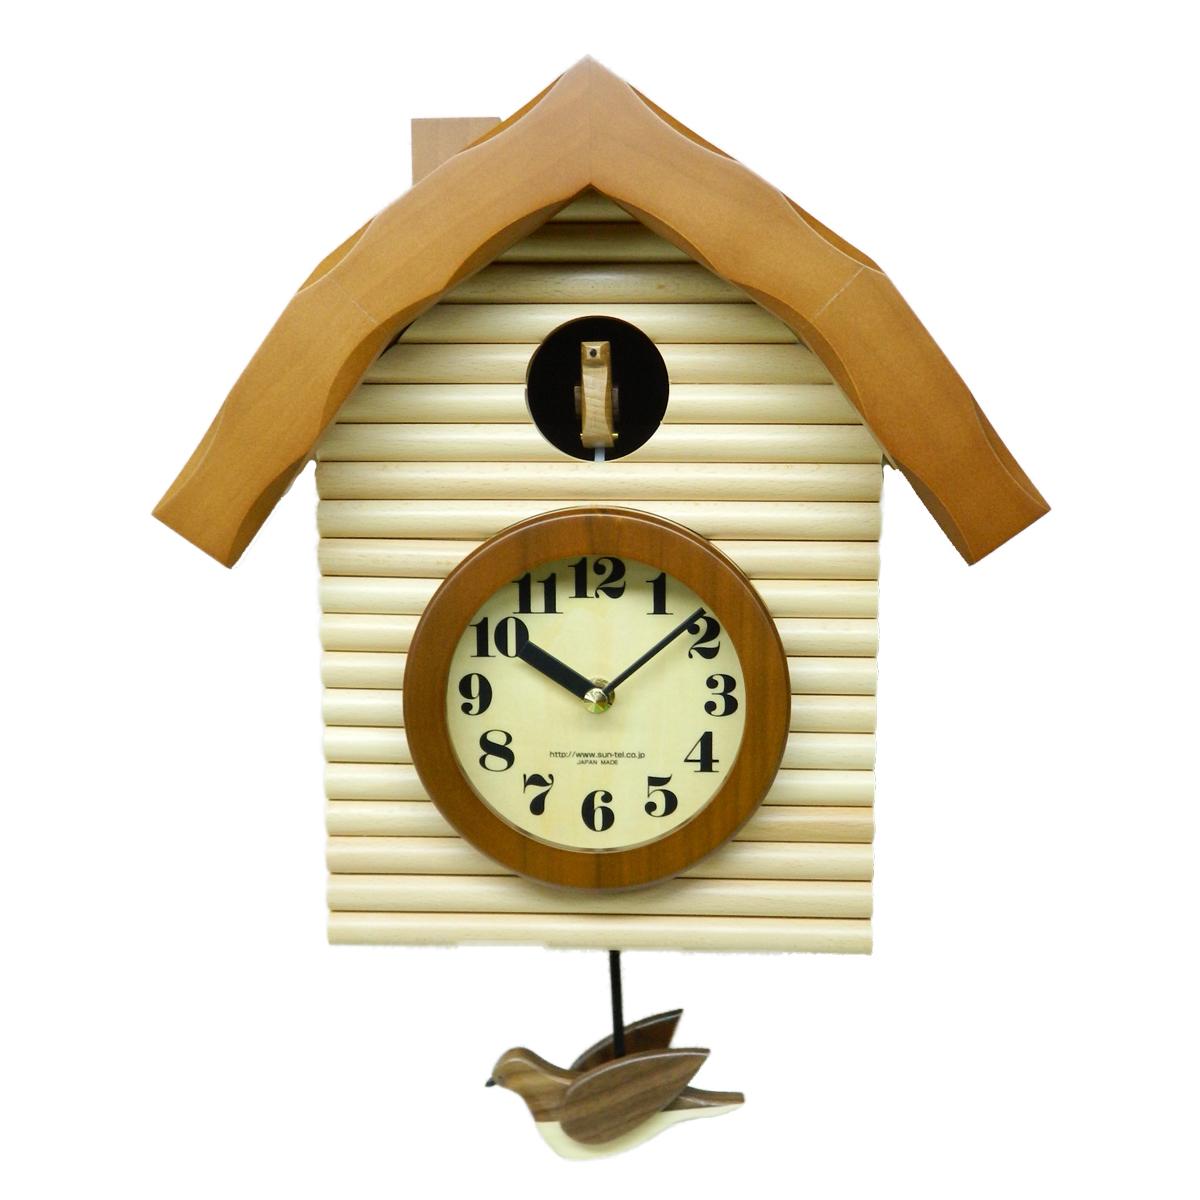 鳩時計 おしゃれ さんてる 手作り 壁掛け 日本製 木製 ギフト プレゼント インテリア 父の日